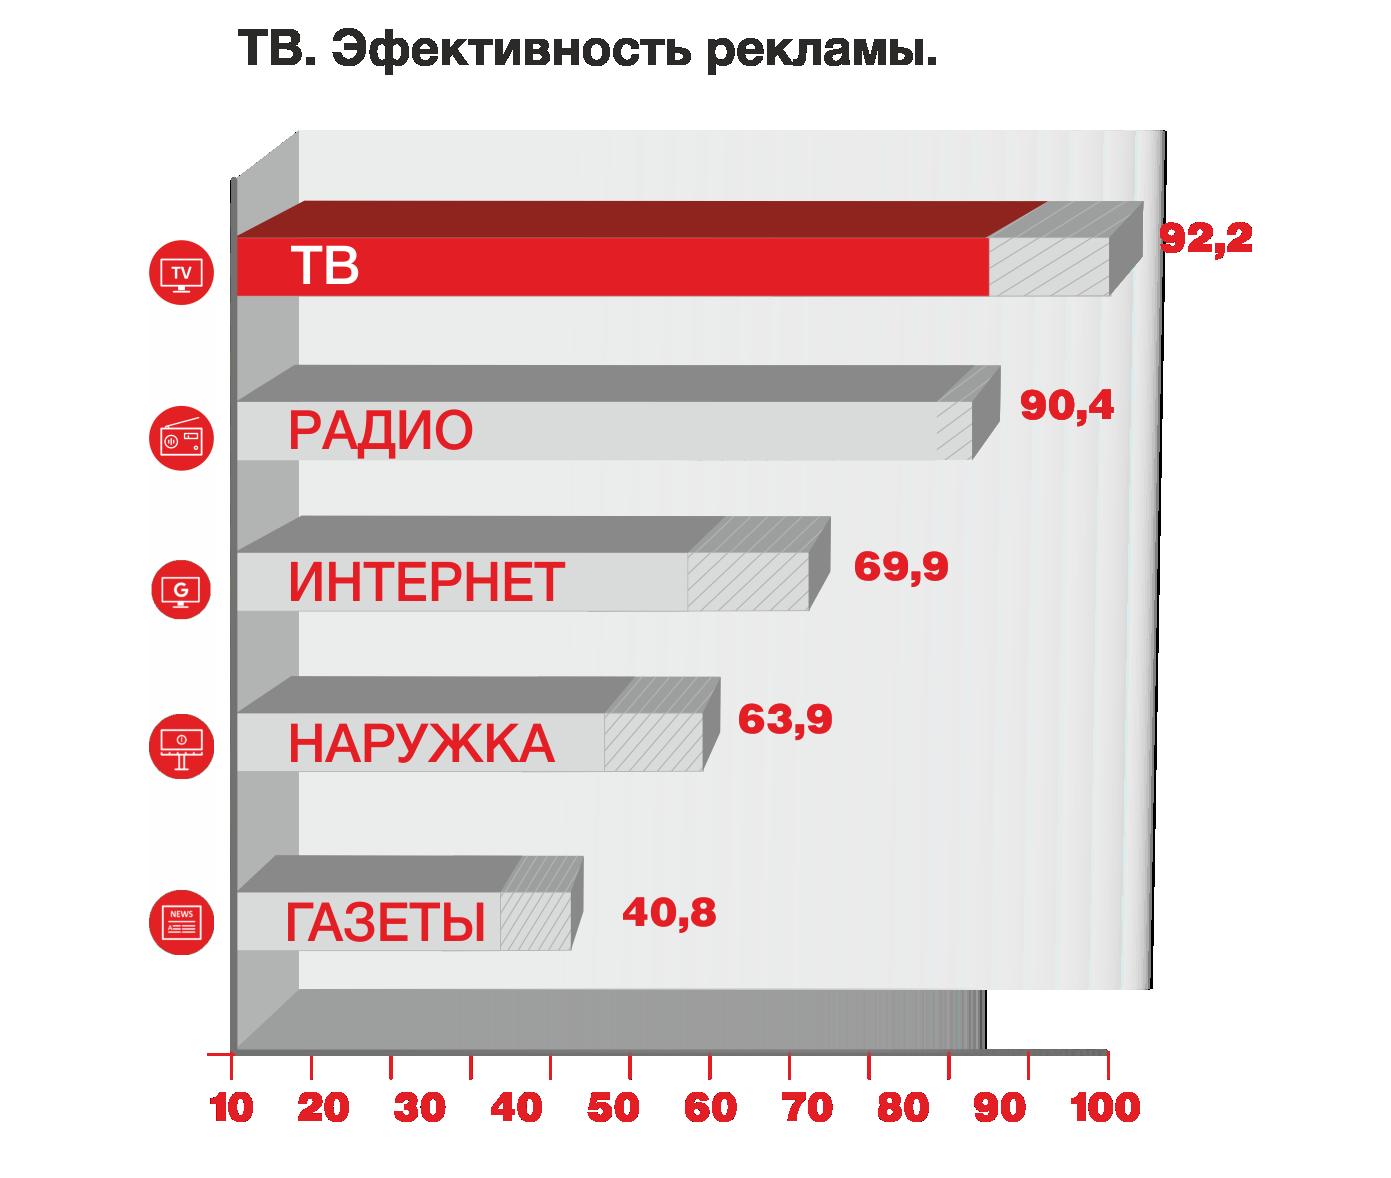 Бесплатная реклама на сайтах челябинска как рекламировать сайт в яндексе